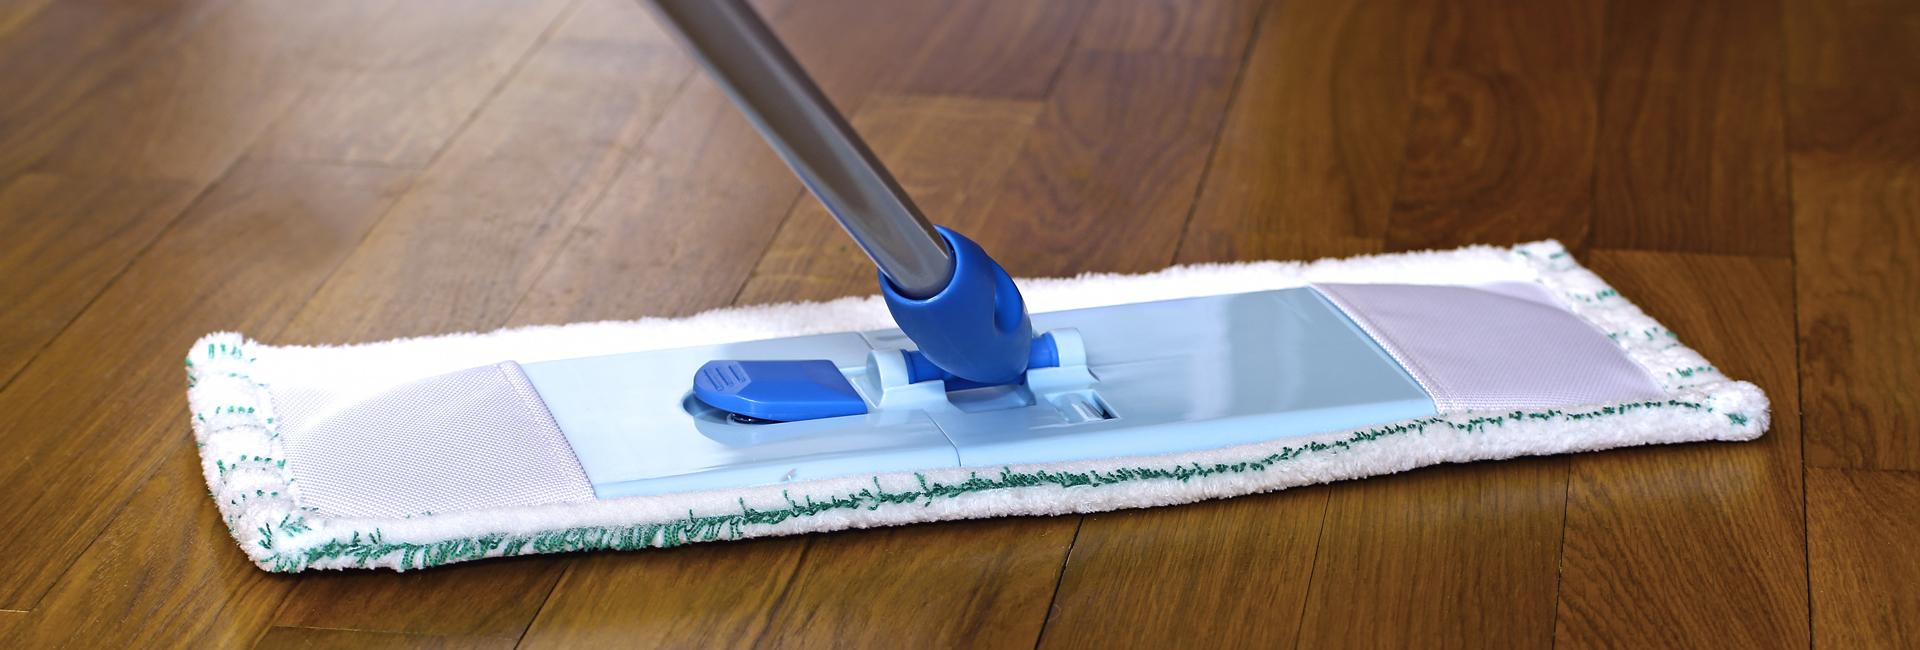 Nettoyage parquet flottant